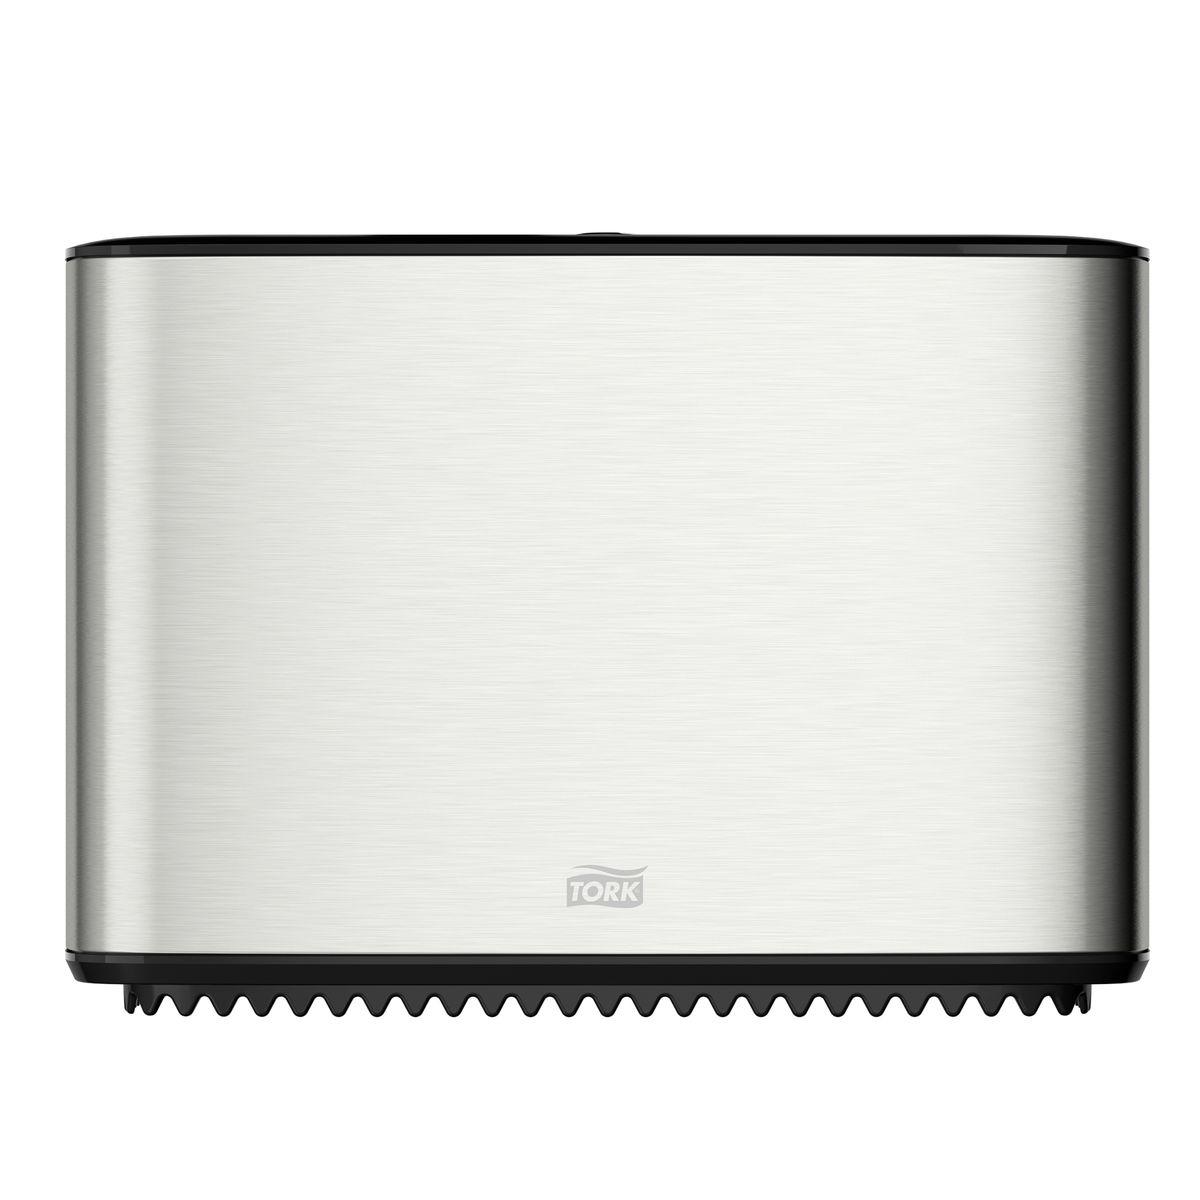 Диспенсер для туалетной бумаги Tork, цвет: металл. 460006460006Система T2 - для туалетной бумаги в мини рулонах Стопор рулона – препятствует бесконтрольному разматыванию рулона. Зубцы для отрыва бумаги, которыми невозможно порезаться. Функция частично использованного рулона Stub roll – красная отметка толщины рулона. Инструкция на крышке. Есть возможность закрепить визитную карточку. Высокая емкость.